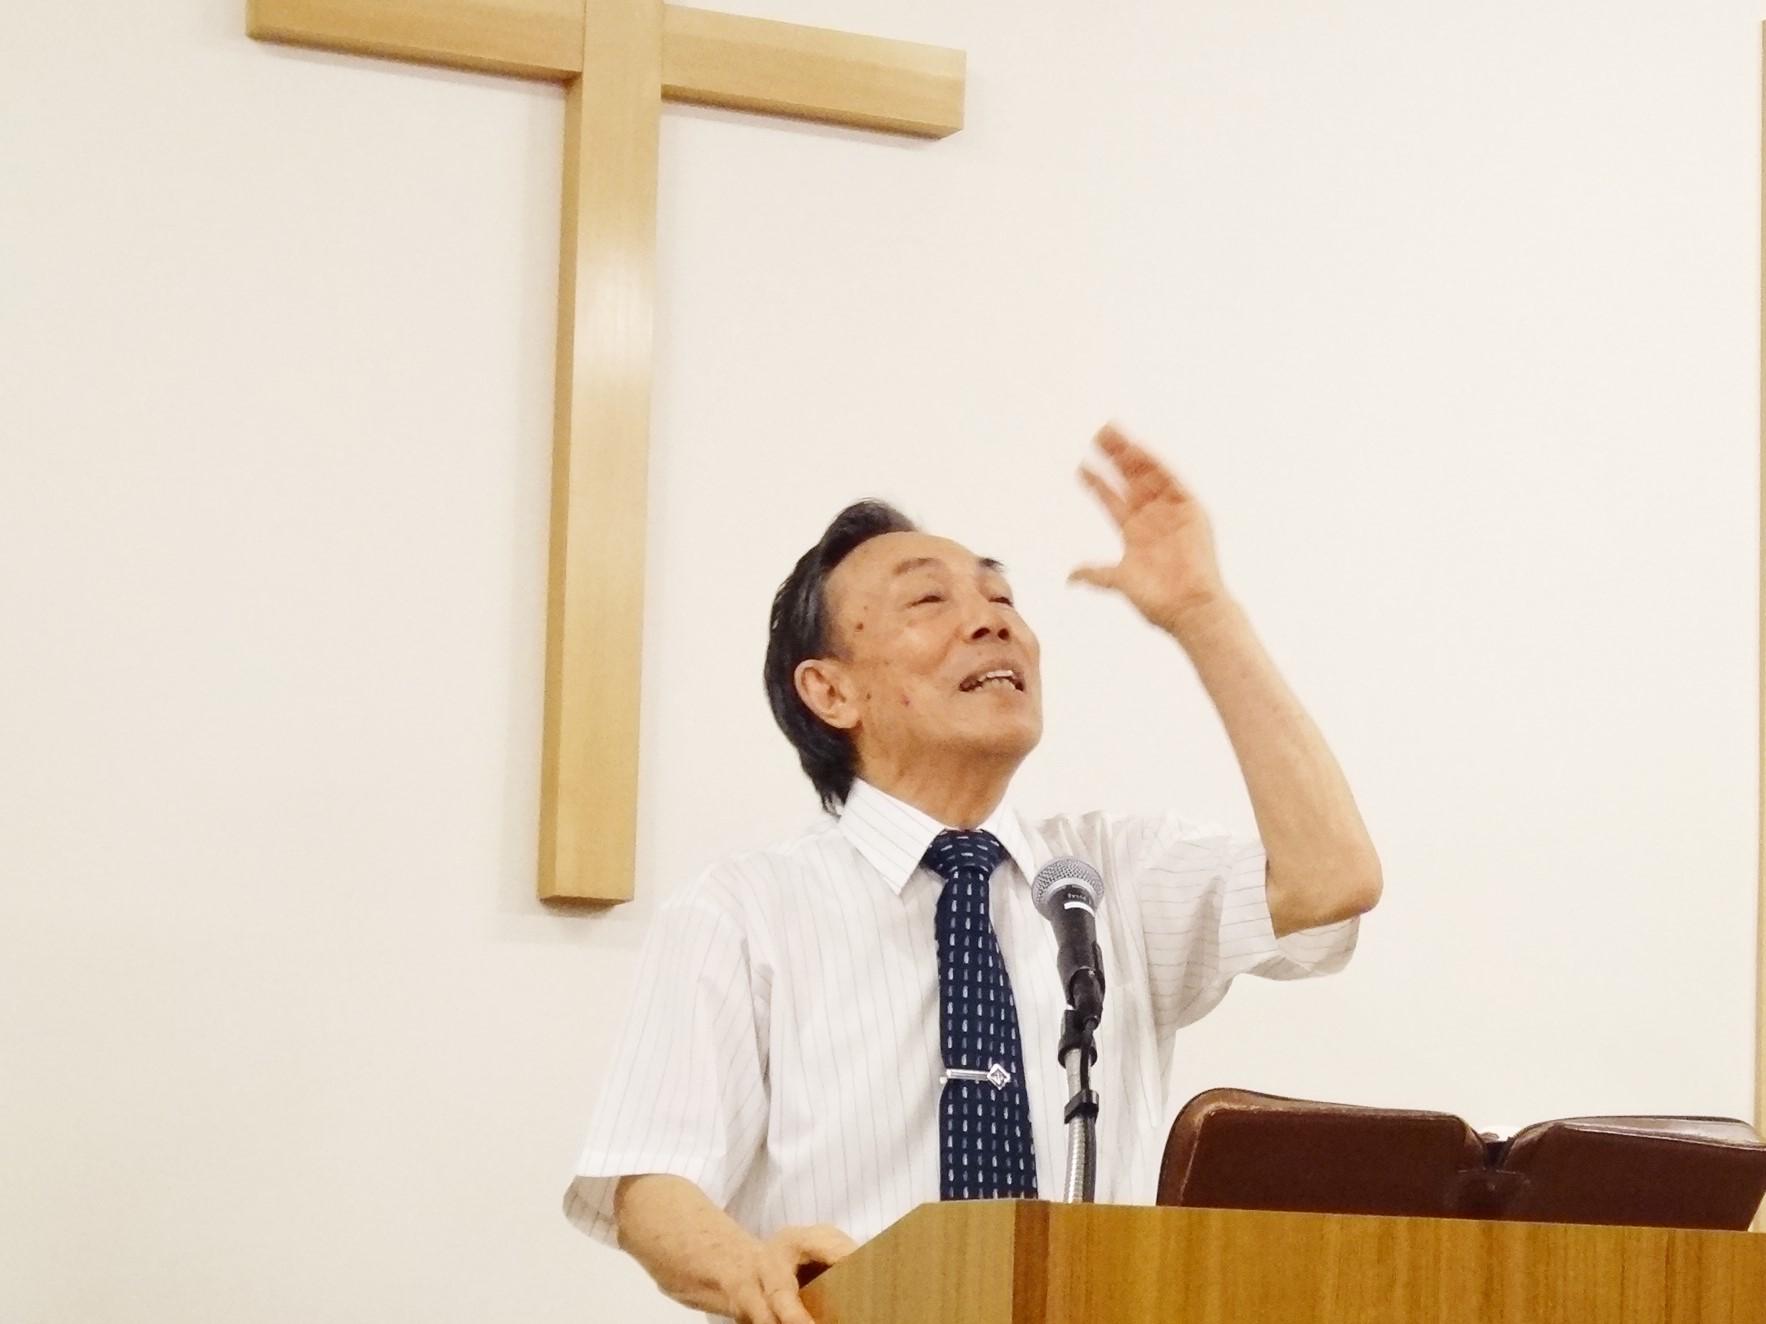 少年ダビデに学ぶ 和憲牧師メッセージ_d0120628_22504856.jpg